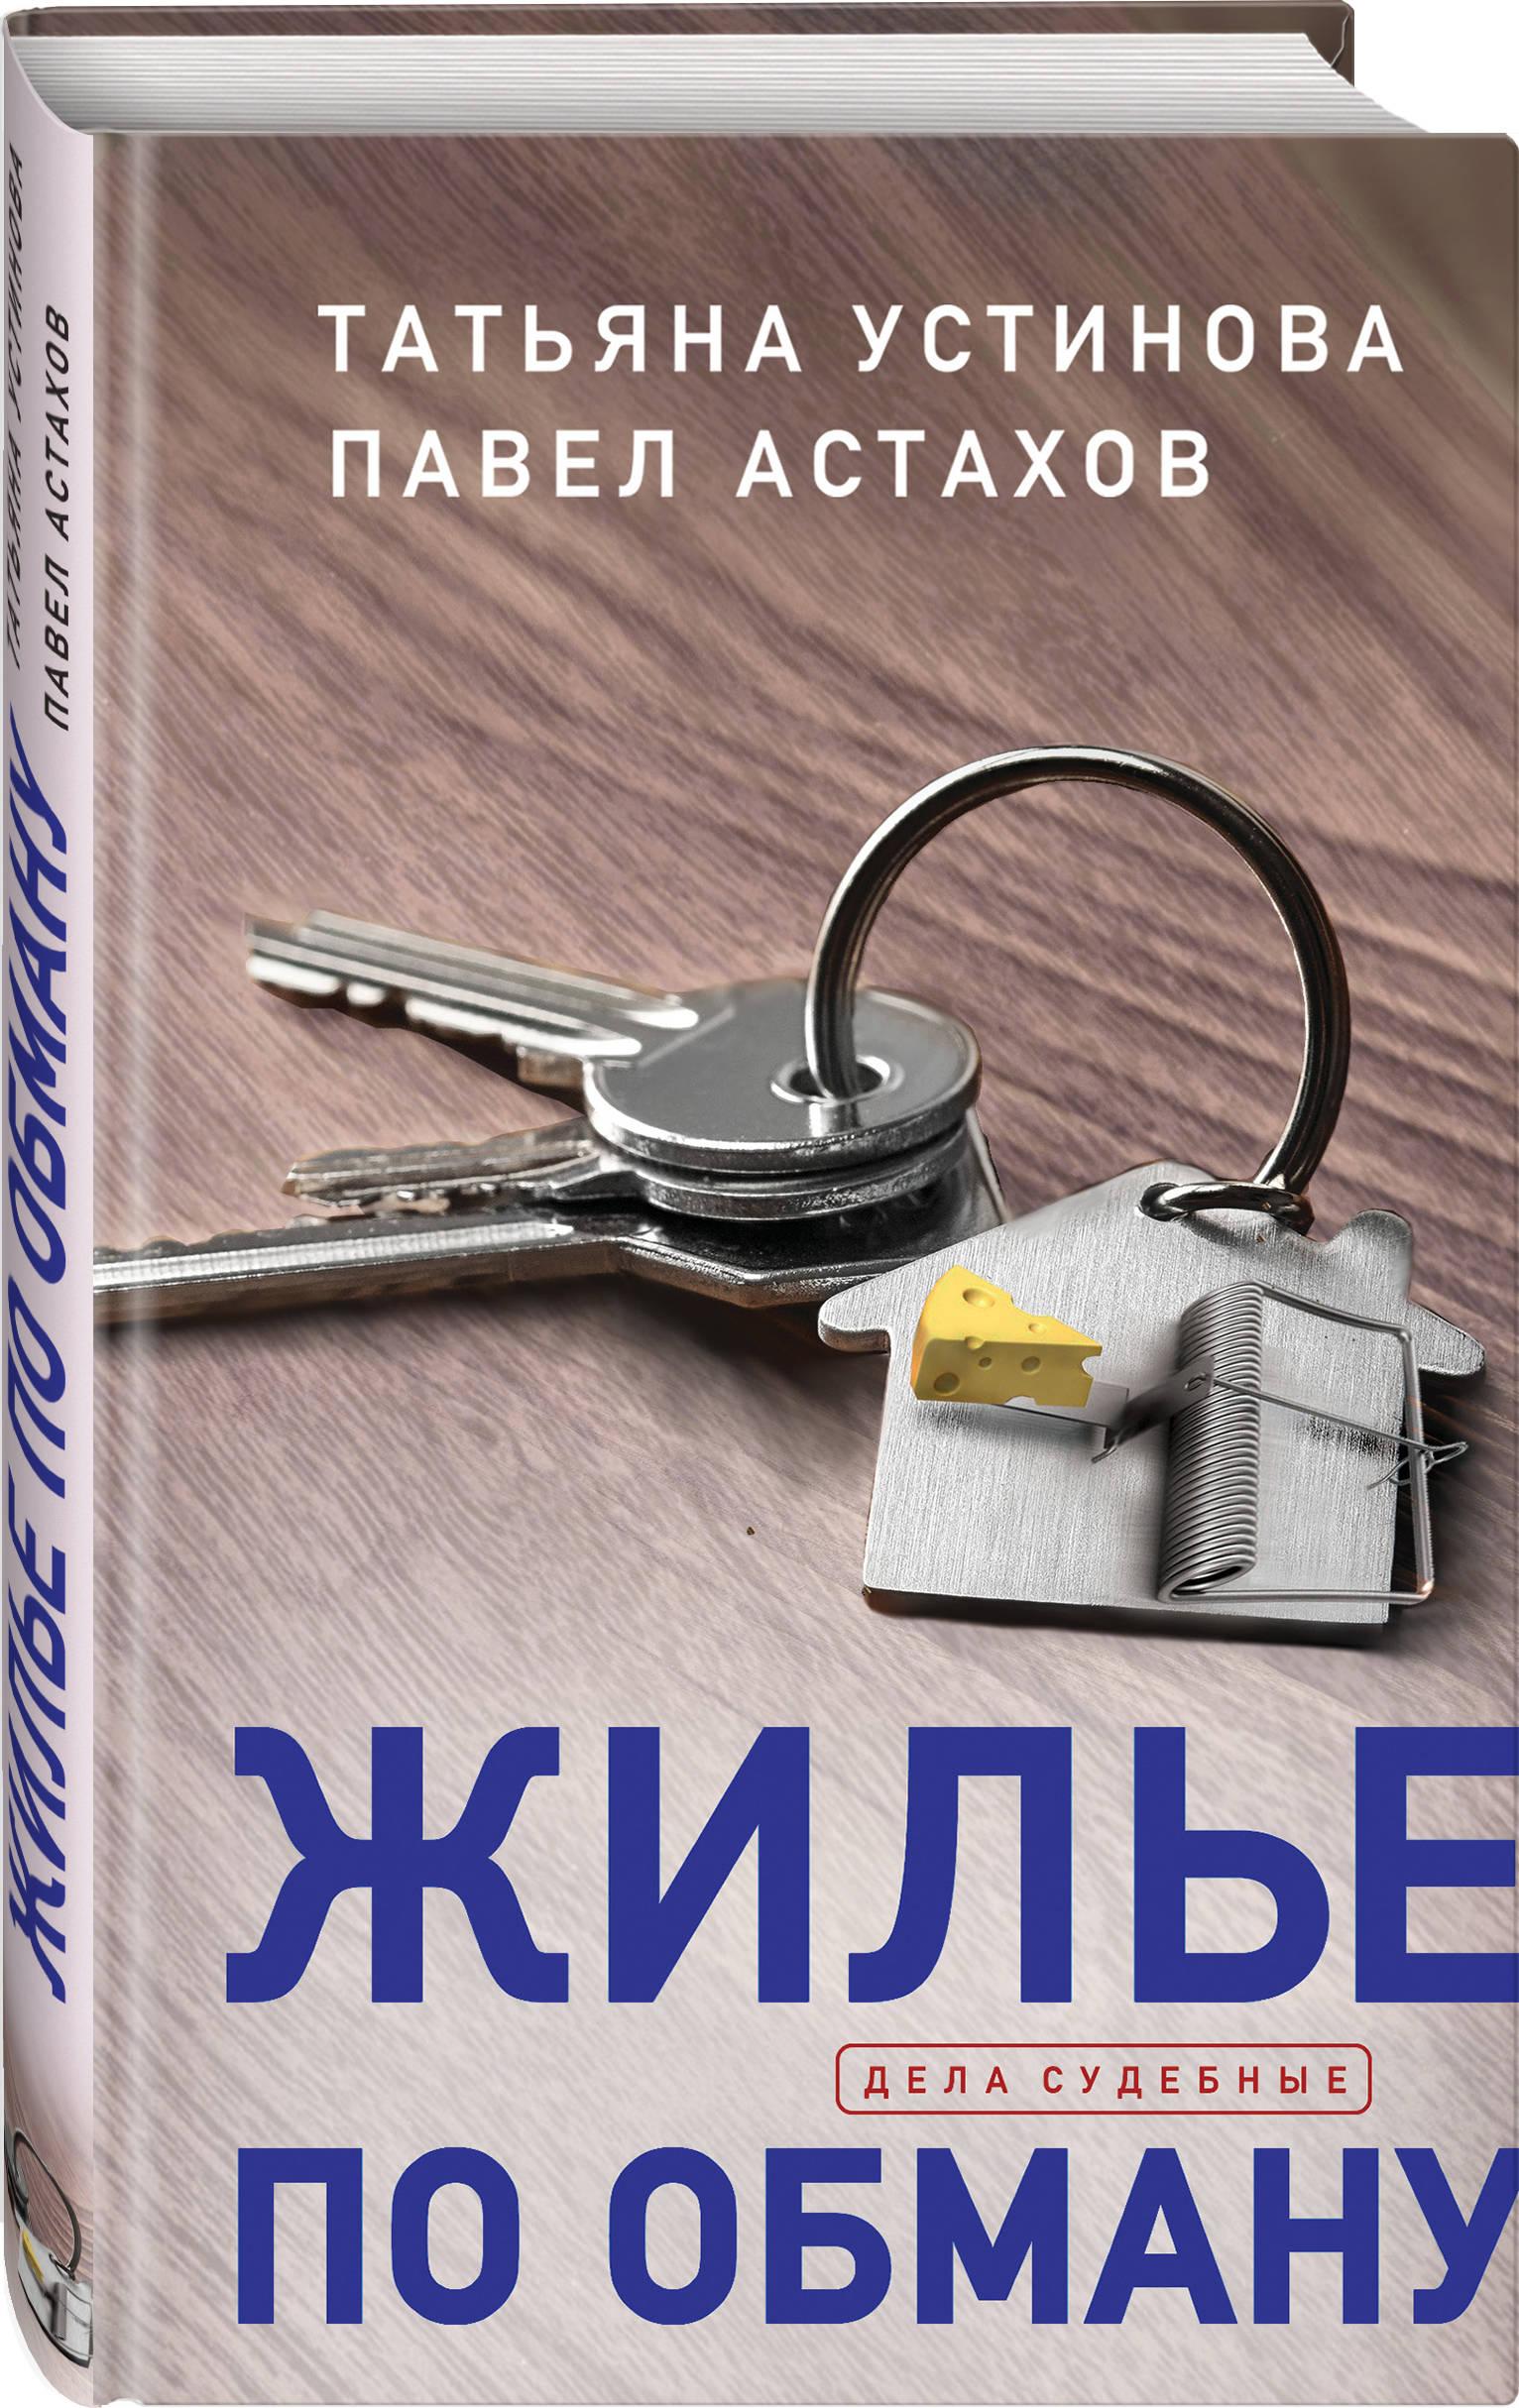 Устинова Татьяна Витальевна, Астахов Павел Алексеевич Жилье по обману